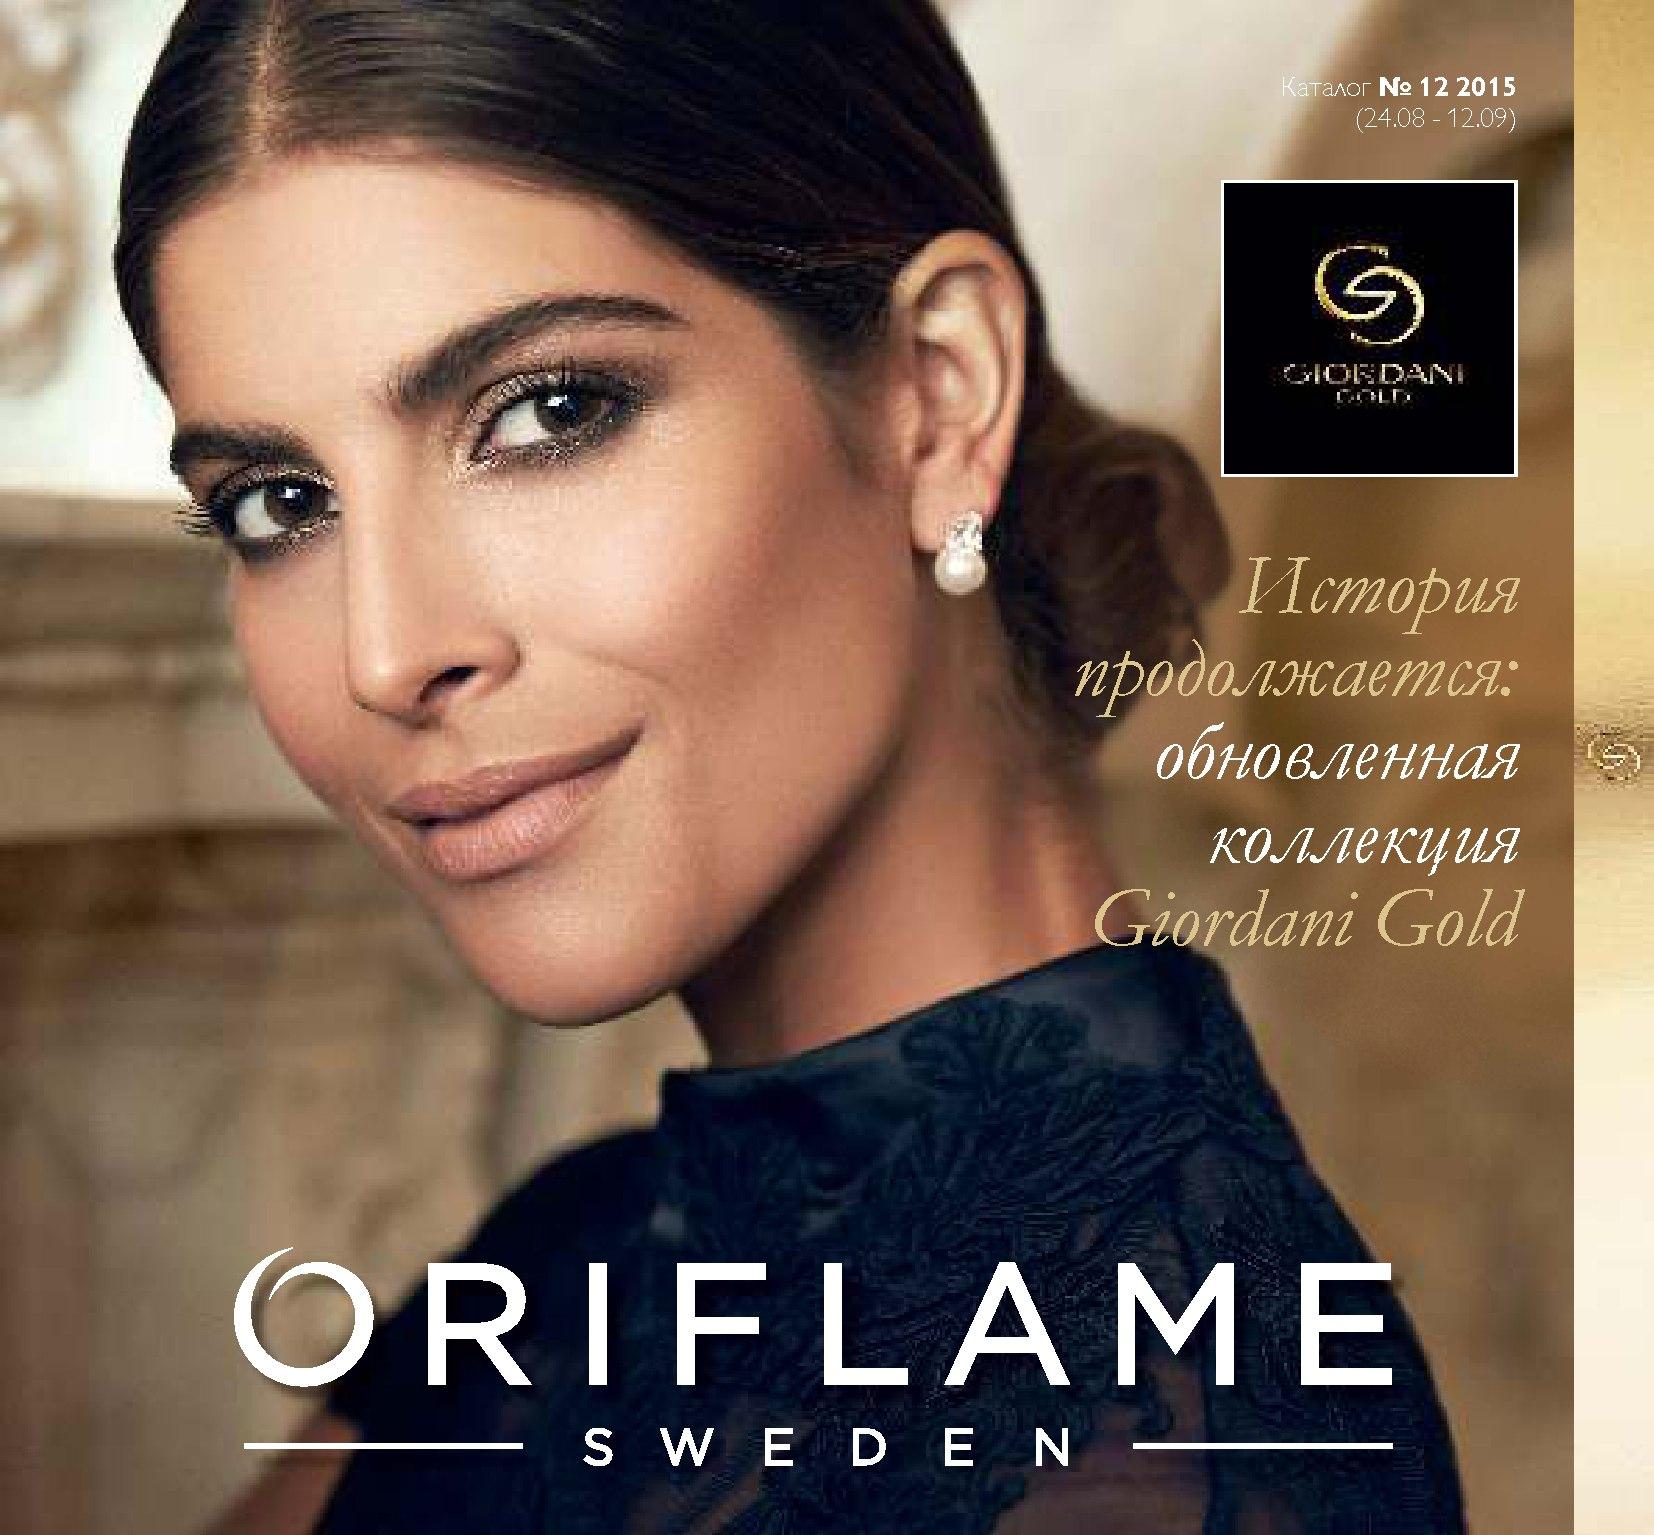 Сбор заказов. Орифлейм - обновленная коллекция Giordani Gold. Новый каталог. Выкуп 6.